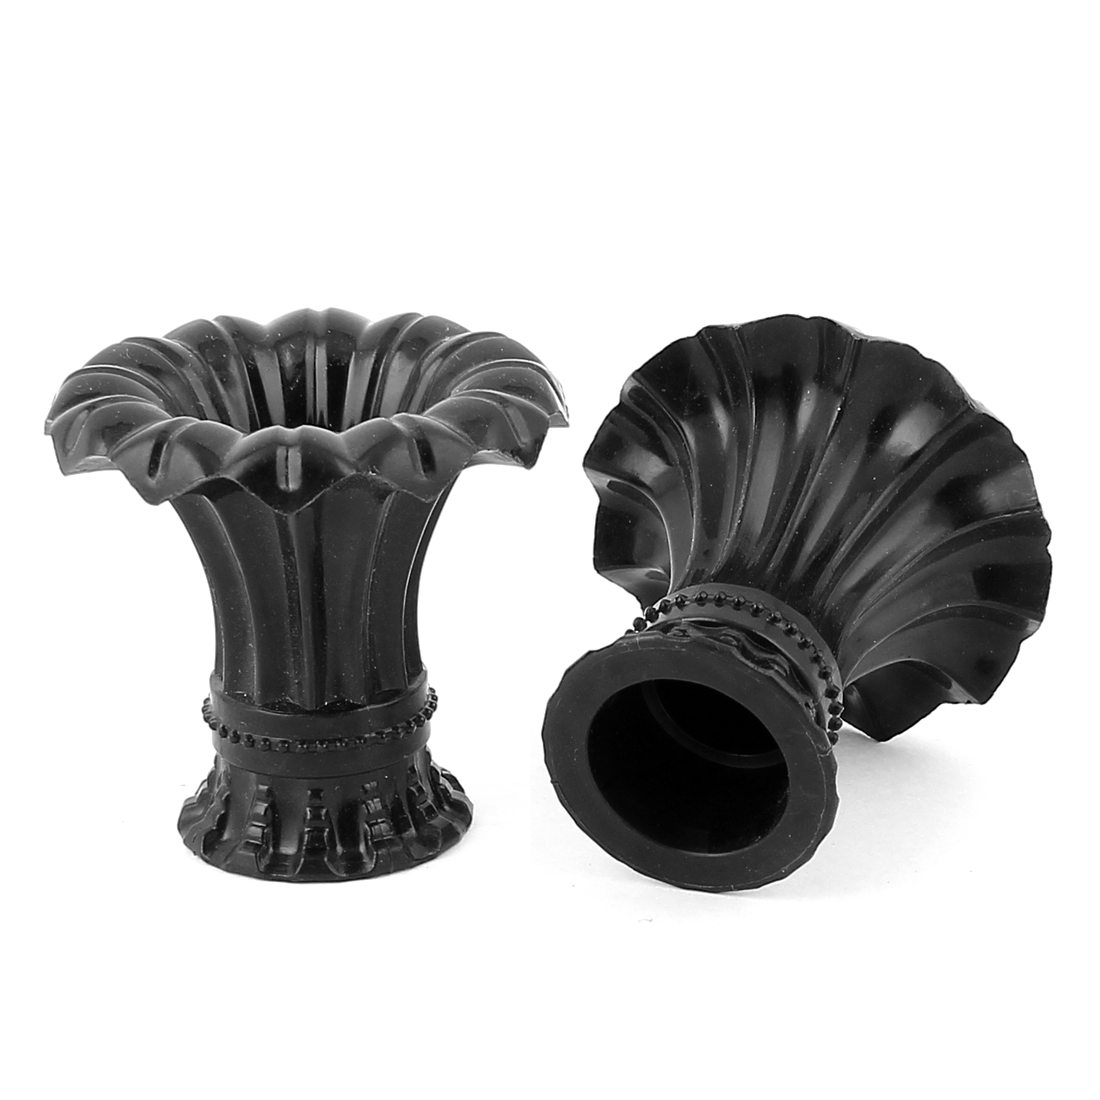 2pcs Black Plastic Petunia Design 20mm Drapery Curtain Rod Ends Caps Finials